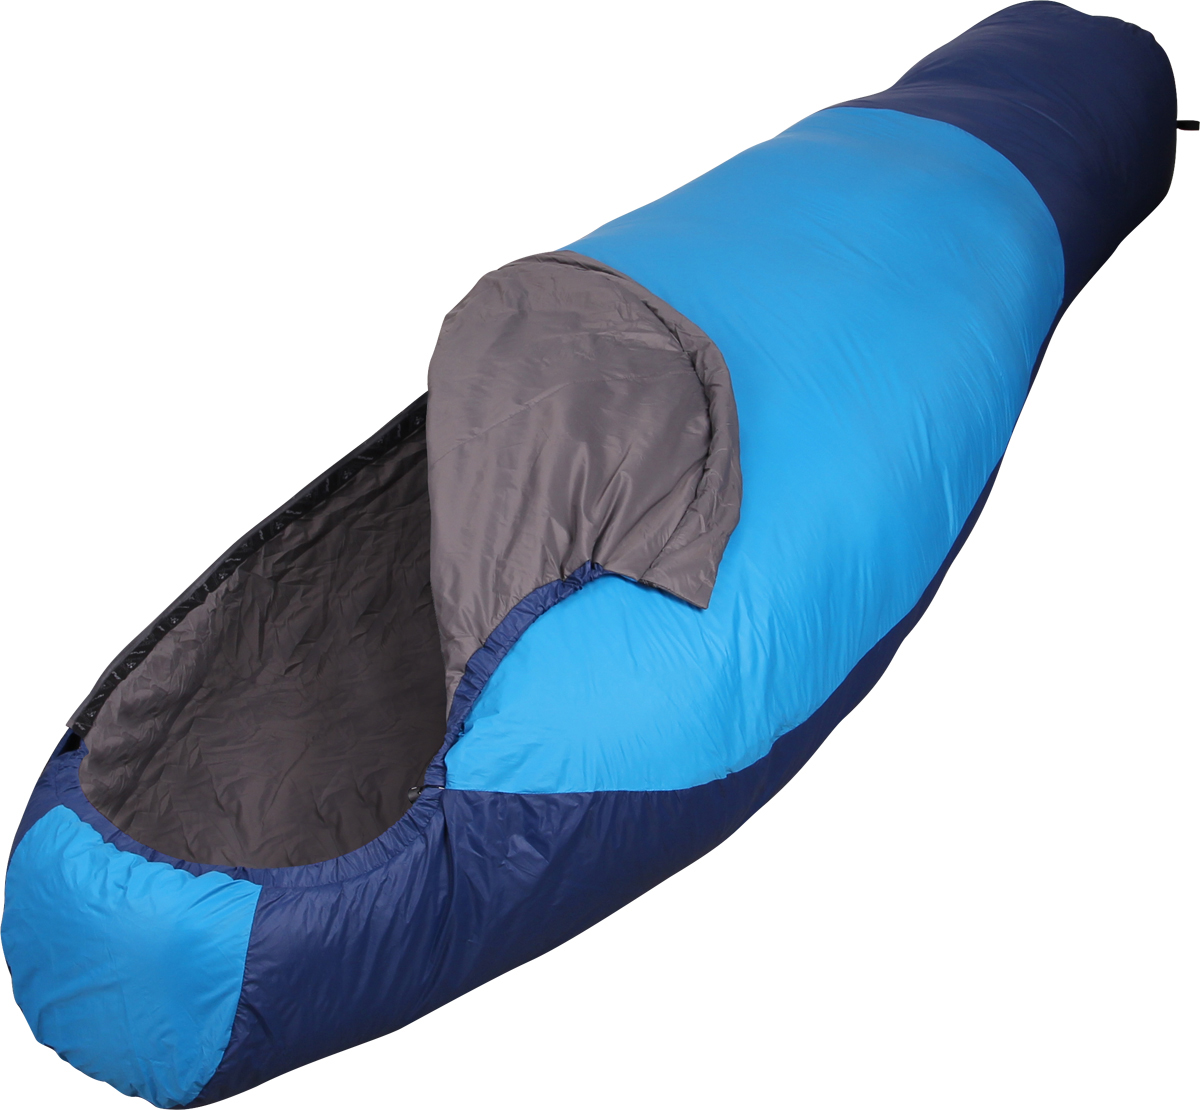 Мешок спальный Сплав Antris 60, левосторонняя молния, цвет: голубой, 205 x 80 x 50 см мешок спальный сплав ranger 2 левосторонняя молния цвет зеленый 210 x 80 x 55 см